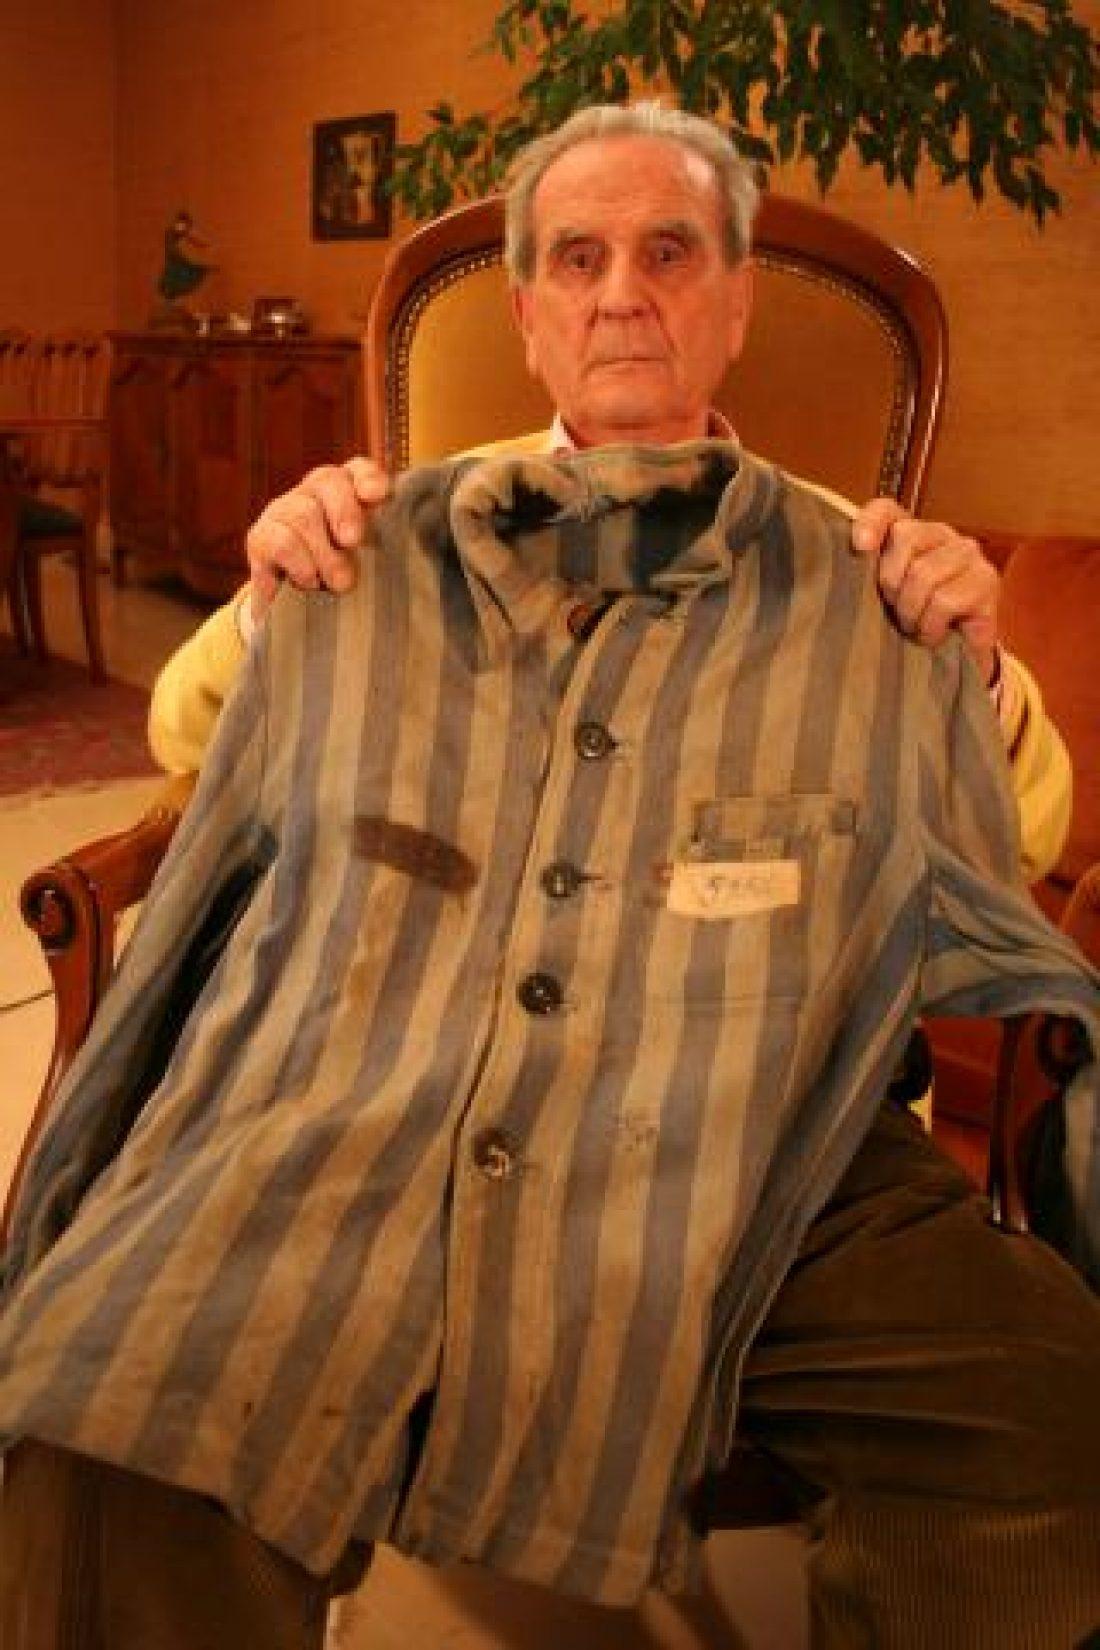 Francia. Fallece Eduardo Escot Bocanegra, libertario andaluz deportado al campo nazi de Mauthausen